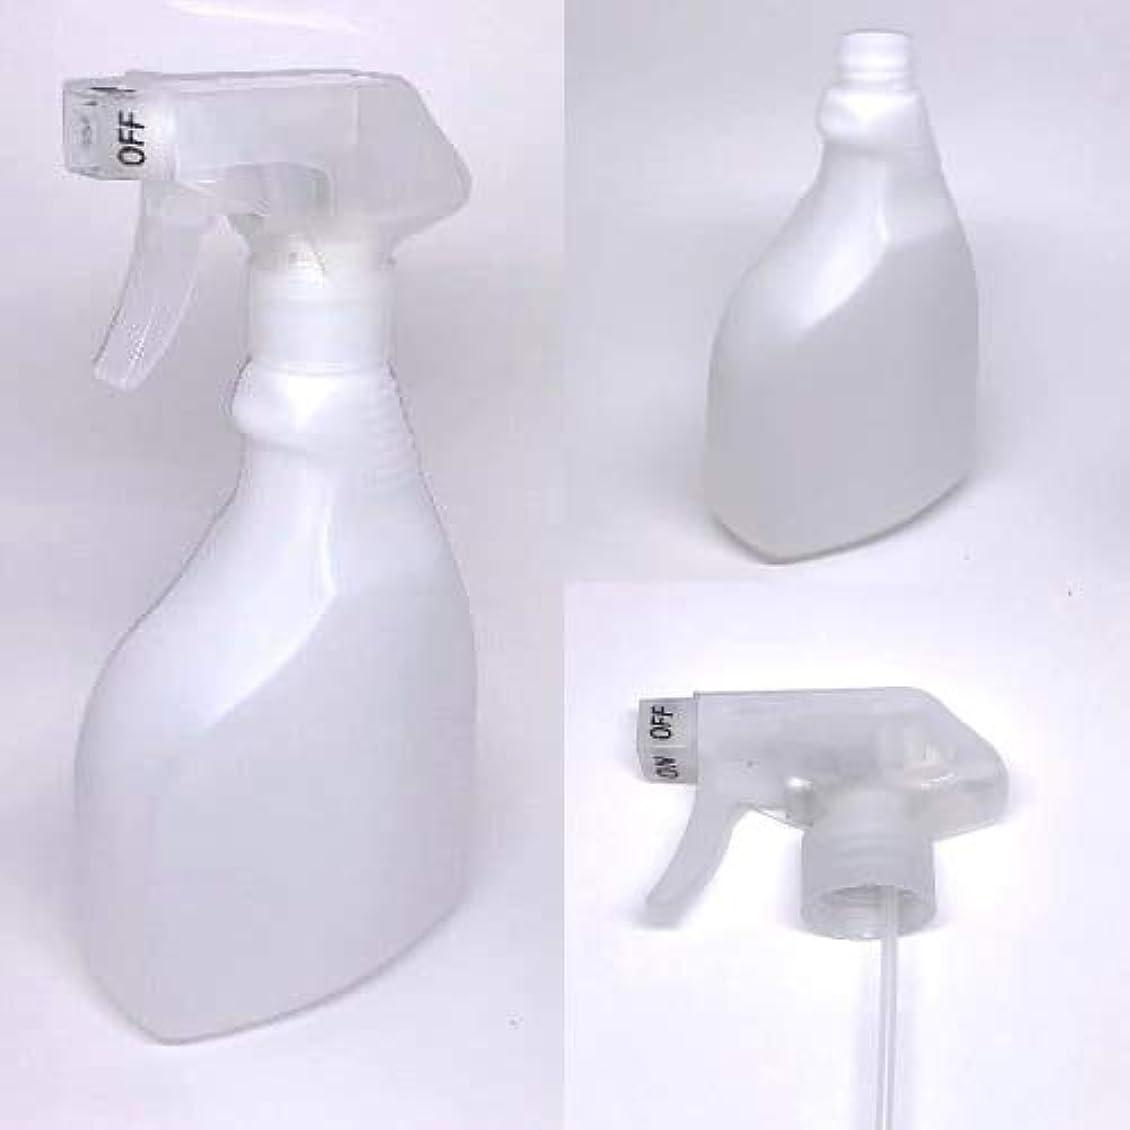 迫害愛人圧倒的スプレーボトル 500ml/アルコール製剤、消毒用アルコール等の詰替えに (ナチュラルホワイト)【ボトル?容器】【いまじん】